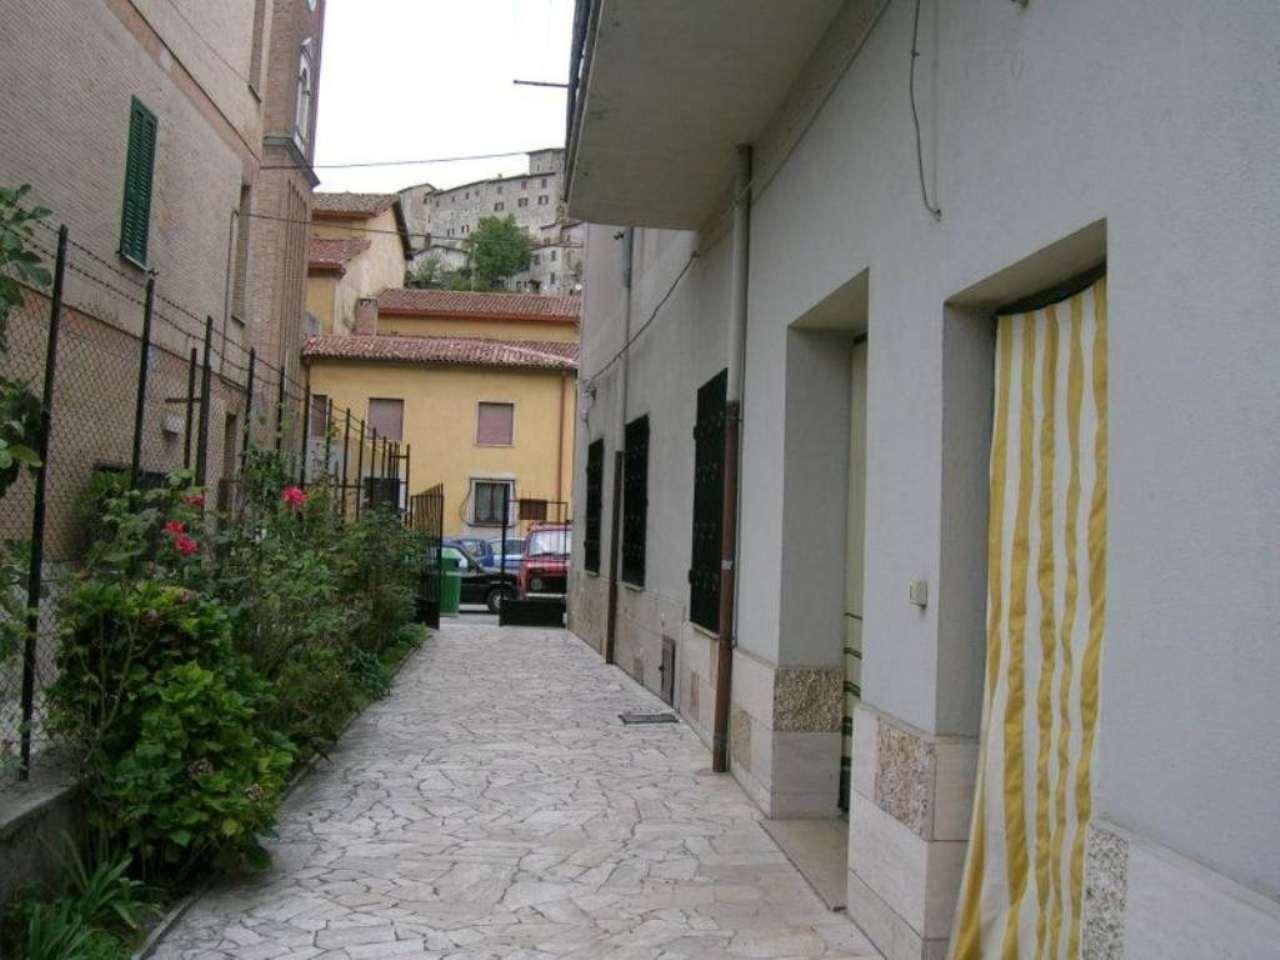 Palazzo / Stabile in vendita a Carsoli, 9999 locali, prezzo € 190.000 | Cambio Casa.it